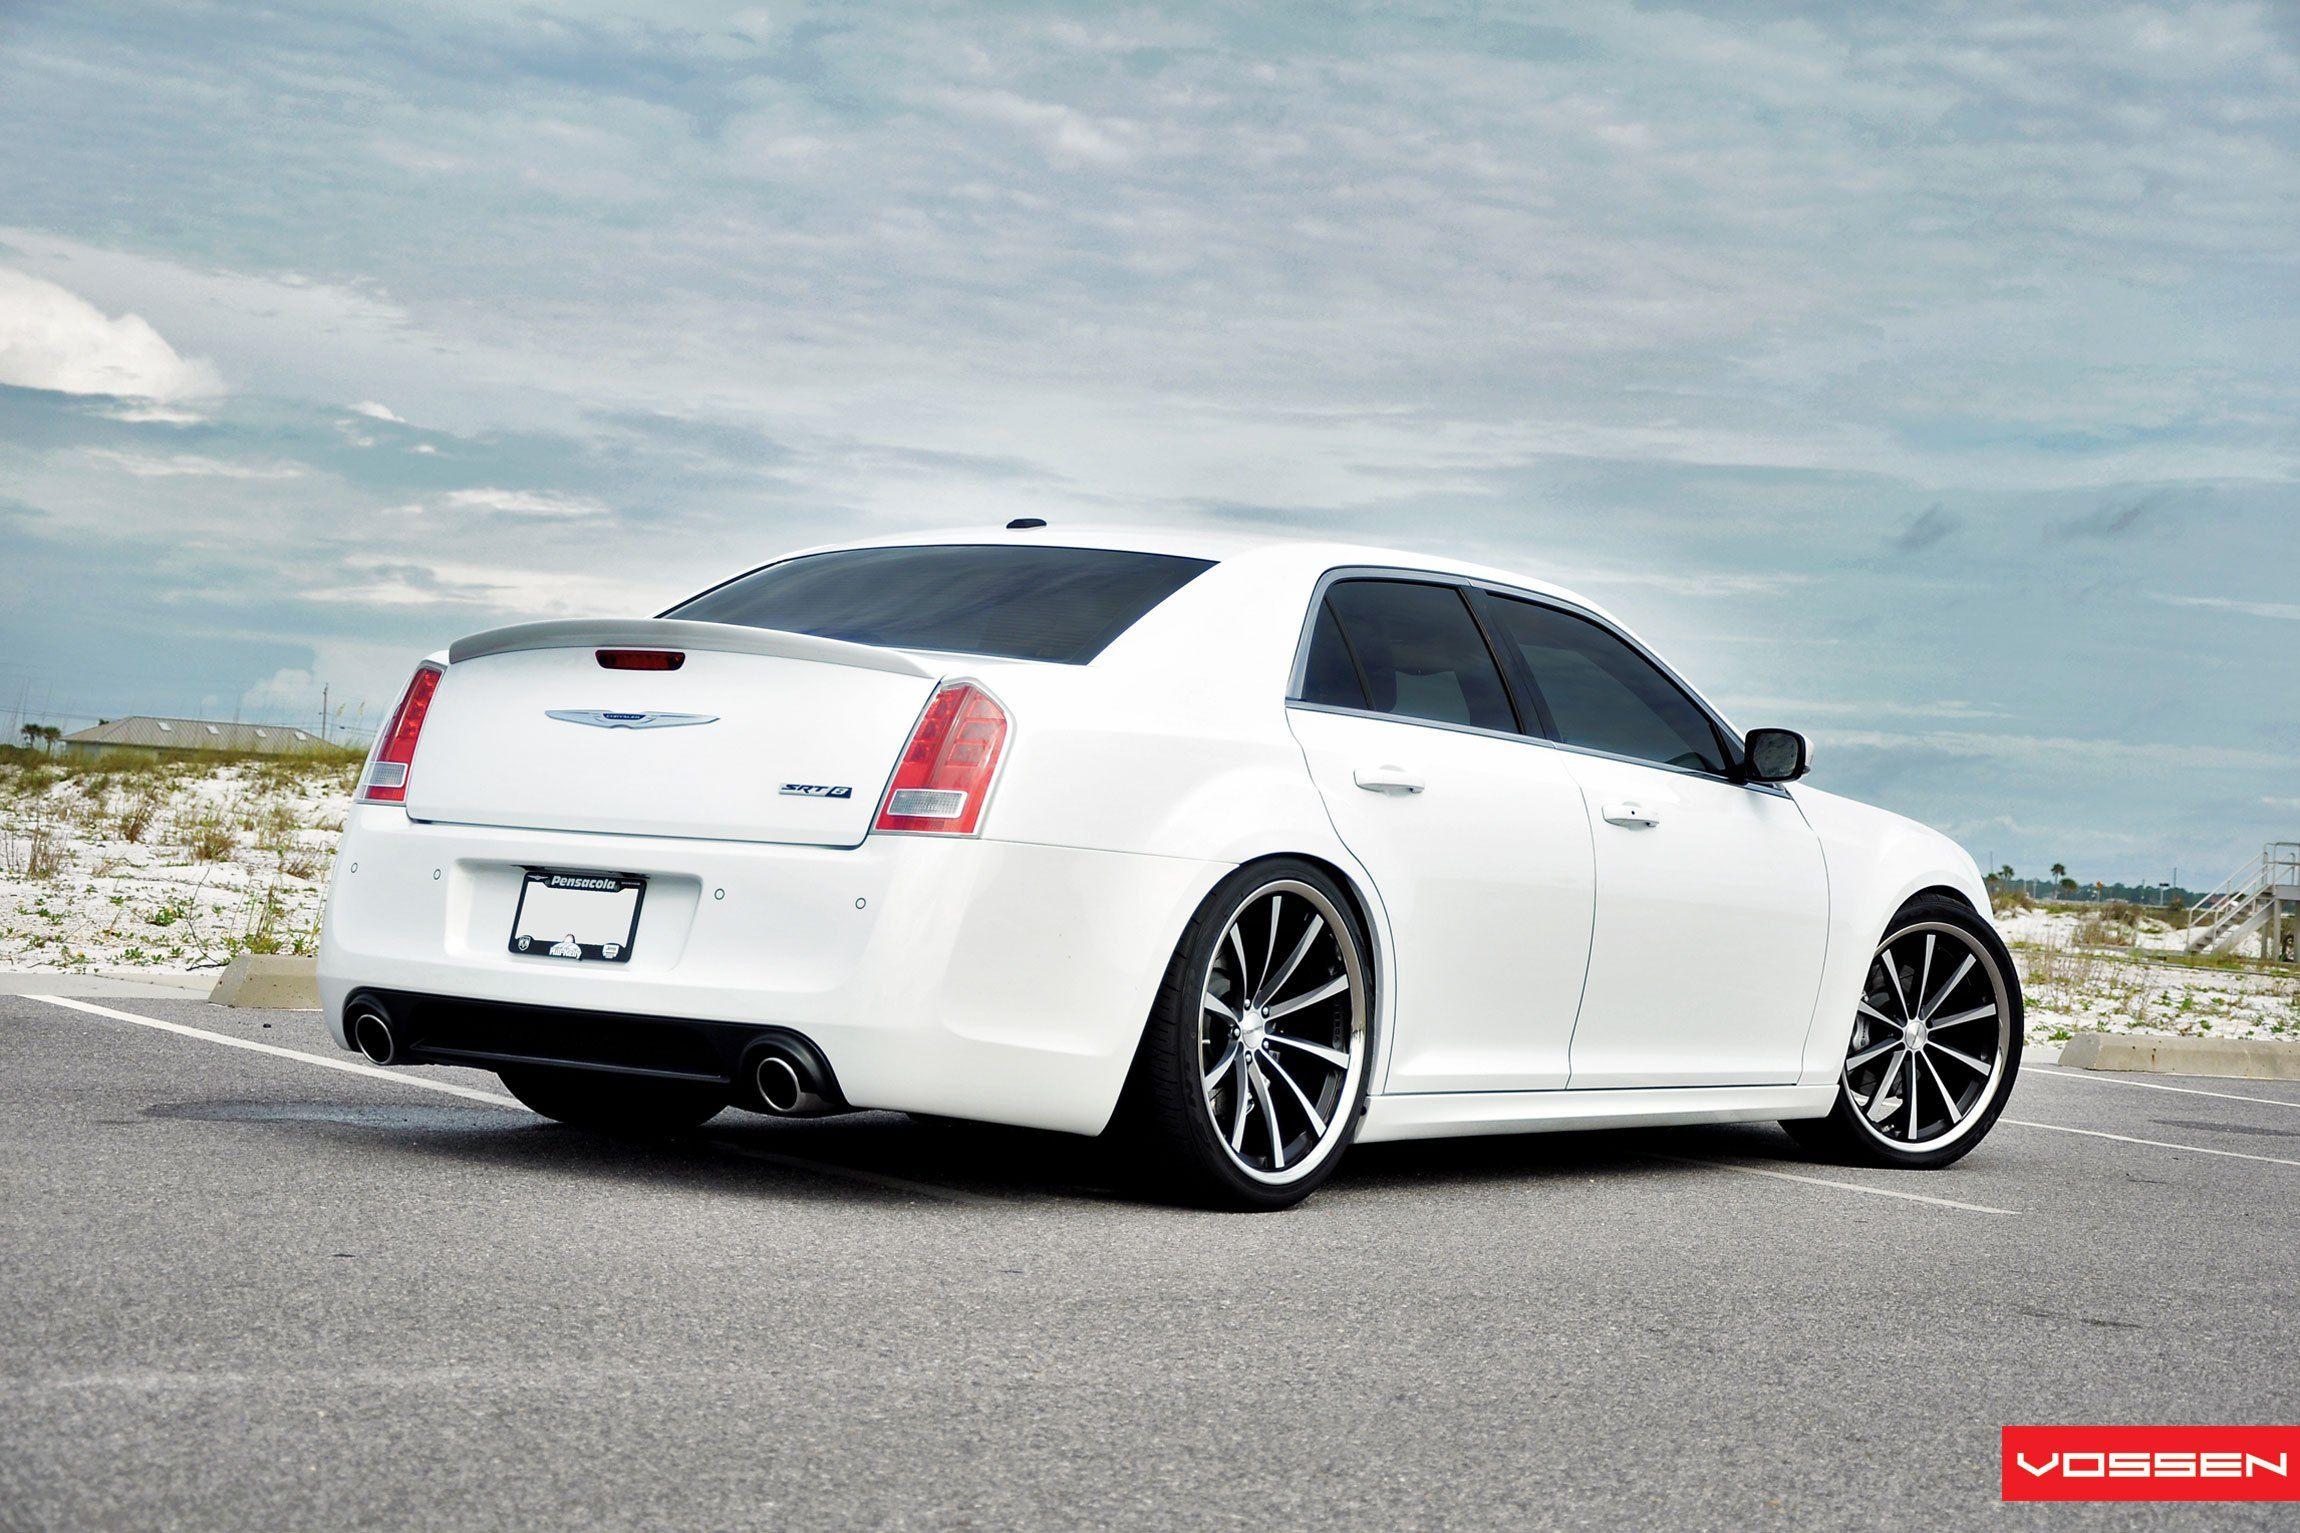 White Chrysler 300 Customized For Royal Look Chrysler 300 Srt8